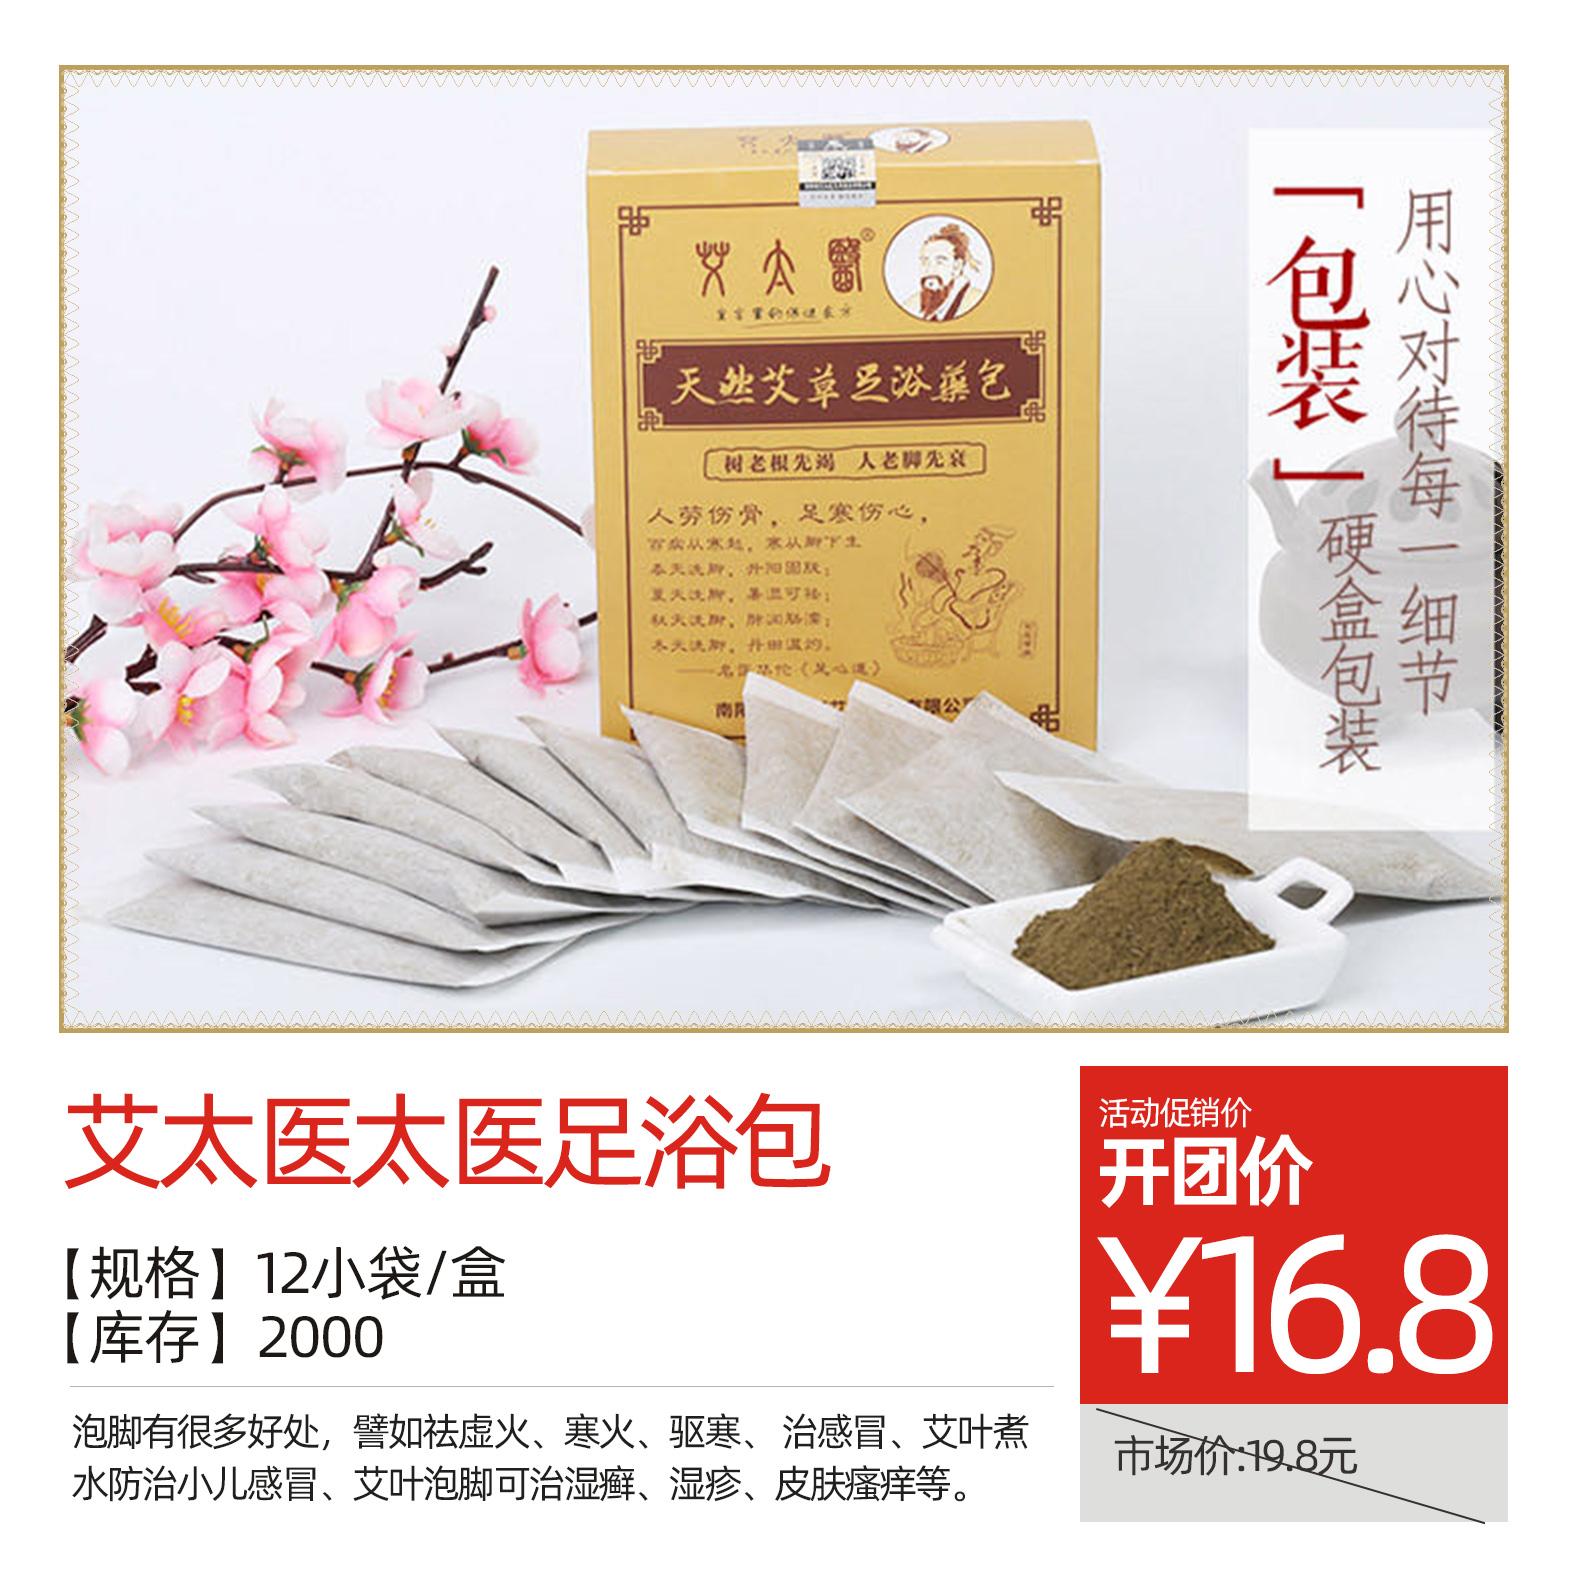 艾太医太医足浴包(12/袋)